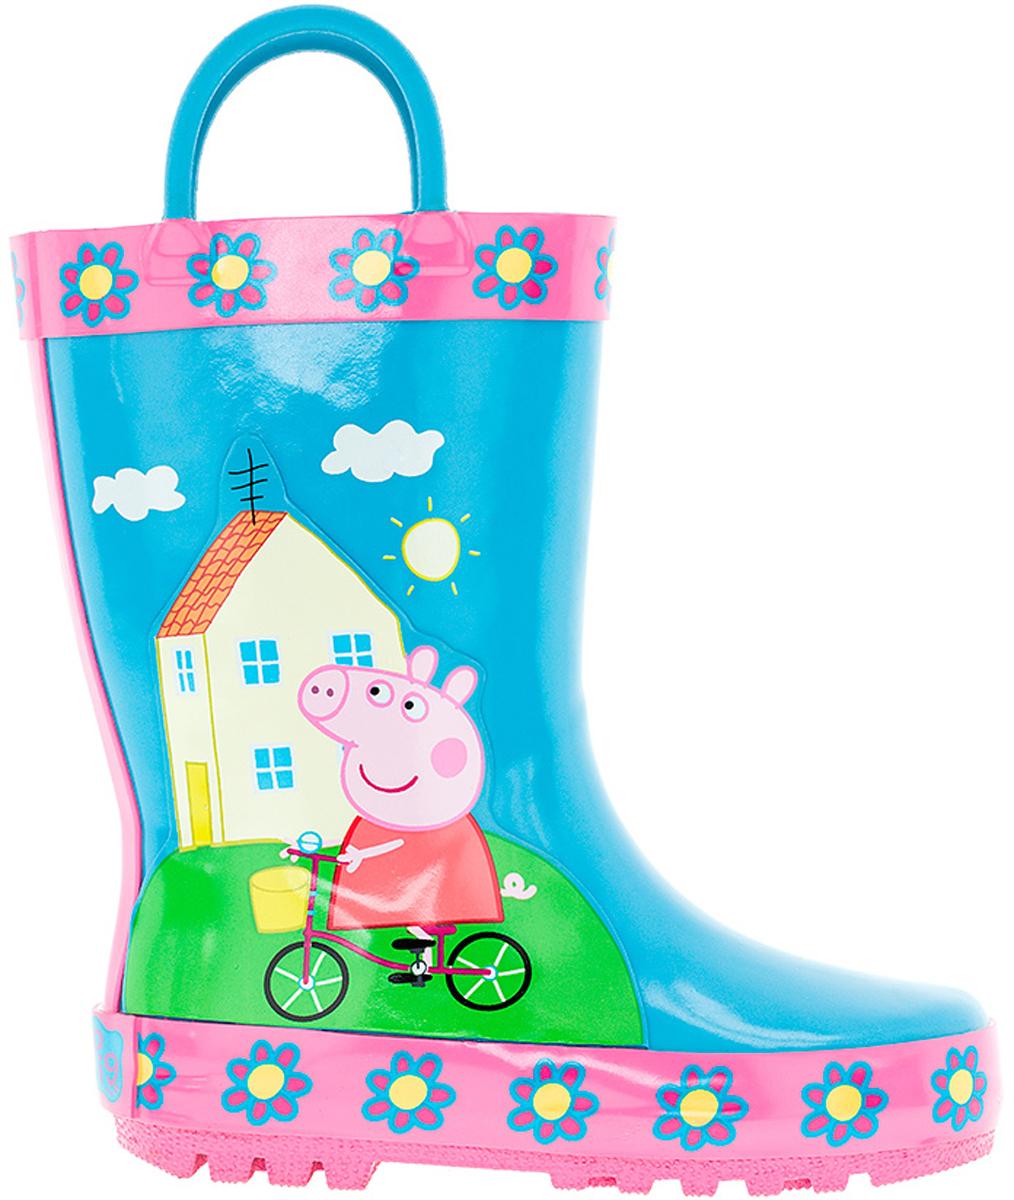 Сапоги резиновые для девочки Kakadu Peppa Pig, цвет: голубой. 6752B. Размер 256752BМодные резиновые сапоги от Kakadu - идеальная обувь в дождливую погоду для вашей девочки. Модель оформлена красочным изображением Свинки Пеппы на велосипеде. Для удобства обувания на голенище предусмотрены специальные ручки. Внутренняя поверхность и стелька из хлопка способствуют поддержанию тепла и комфортны при ходьбе. Подошва с протектором гарантирует отличное сцепление с любой поверхностью. Резиновые сапоги - необходимая вещь в гардеробе каждого ребенка